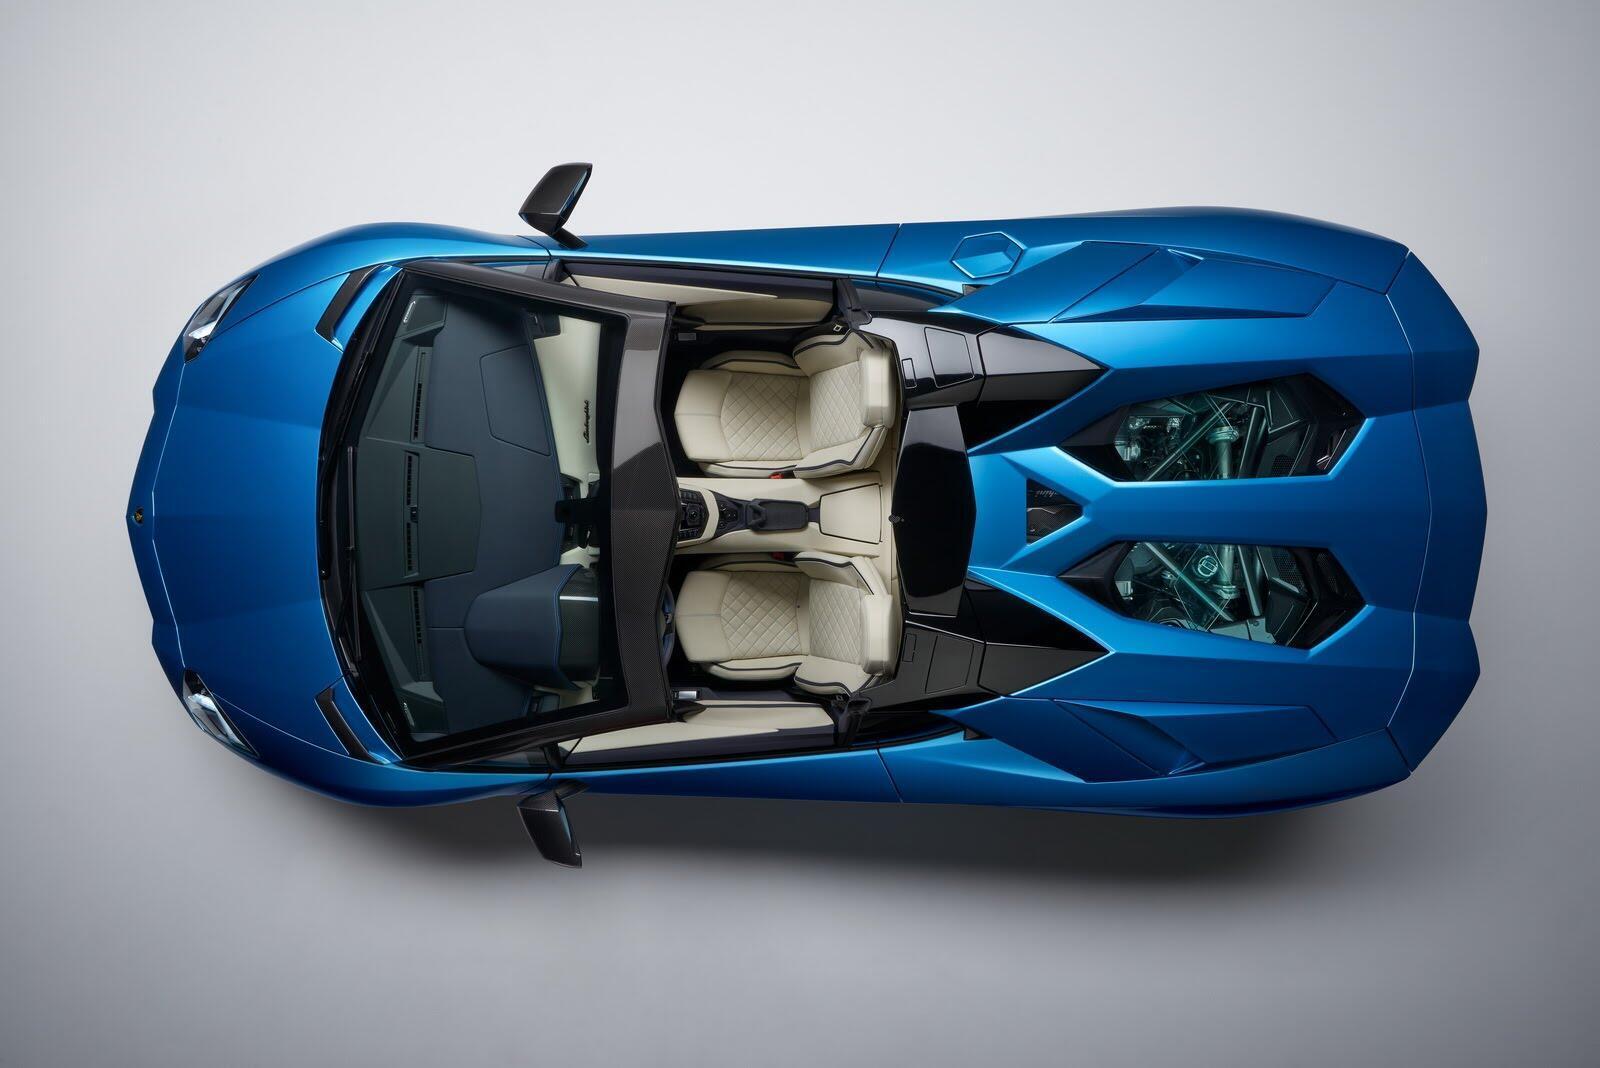 Siêu xe Lamborghini Aventador S Roadster chính thức trình làng - Hình 6